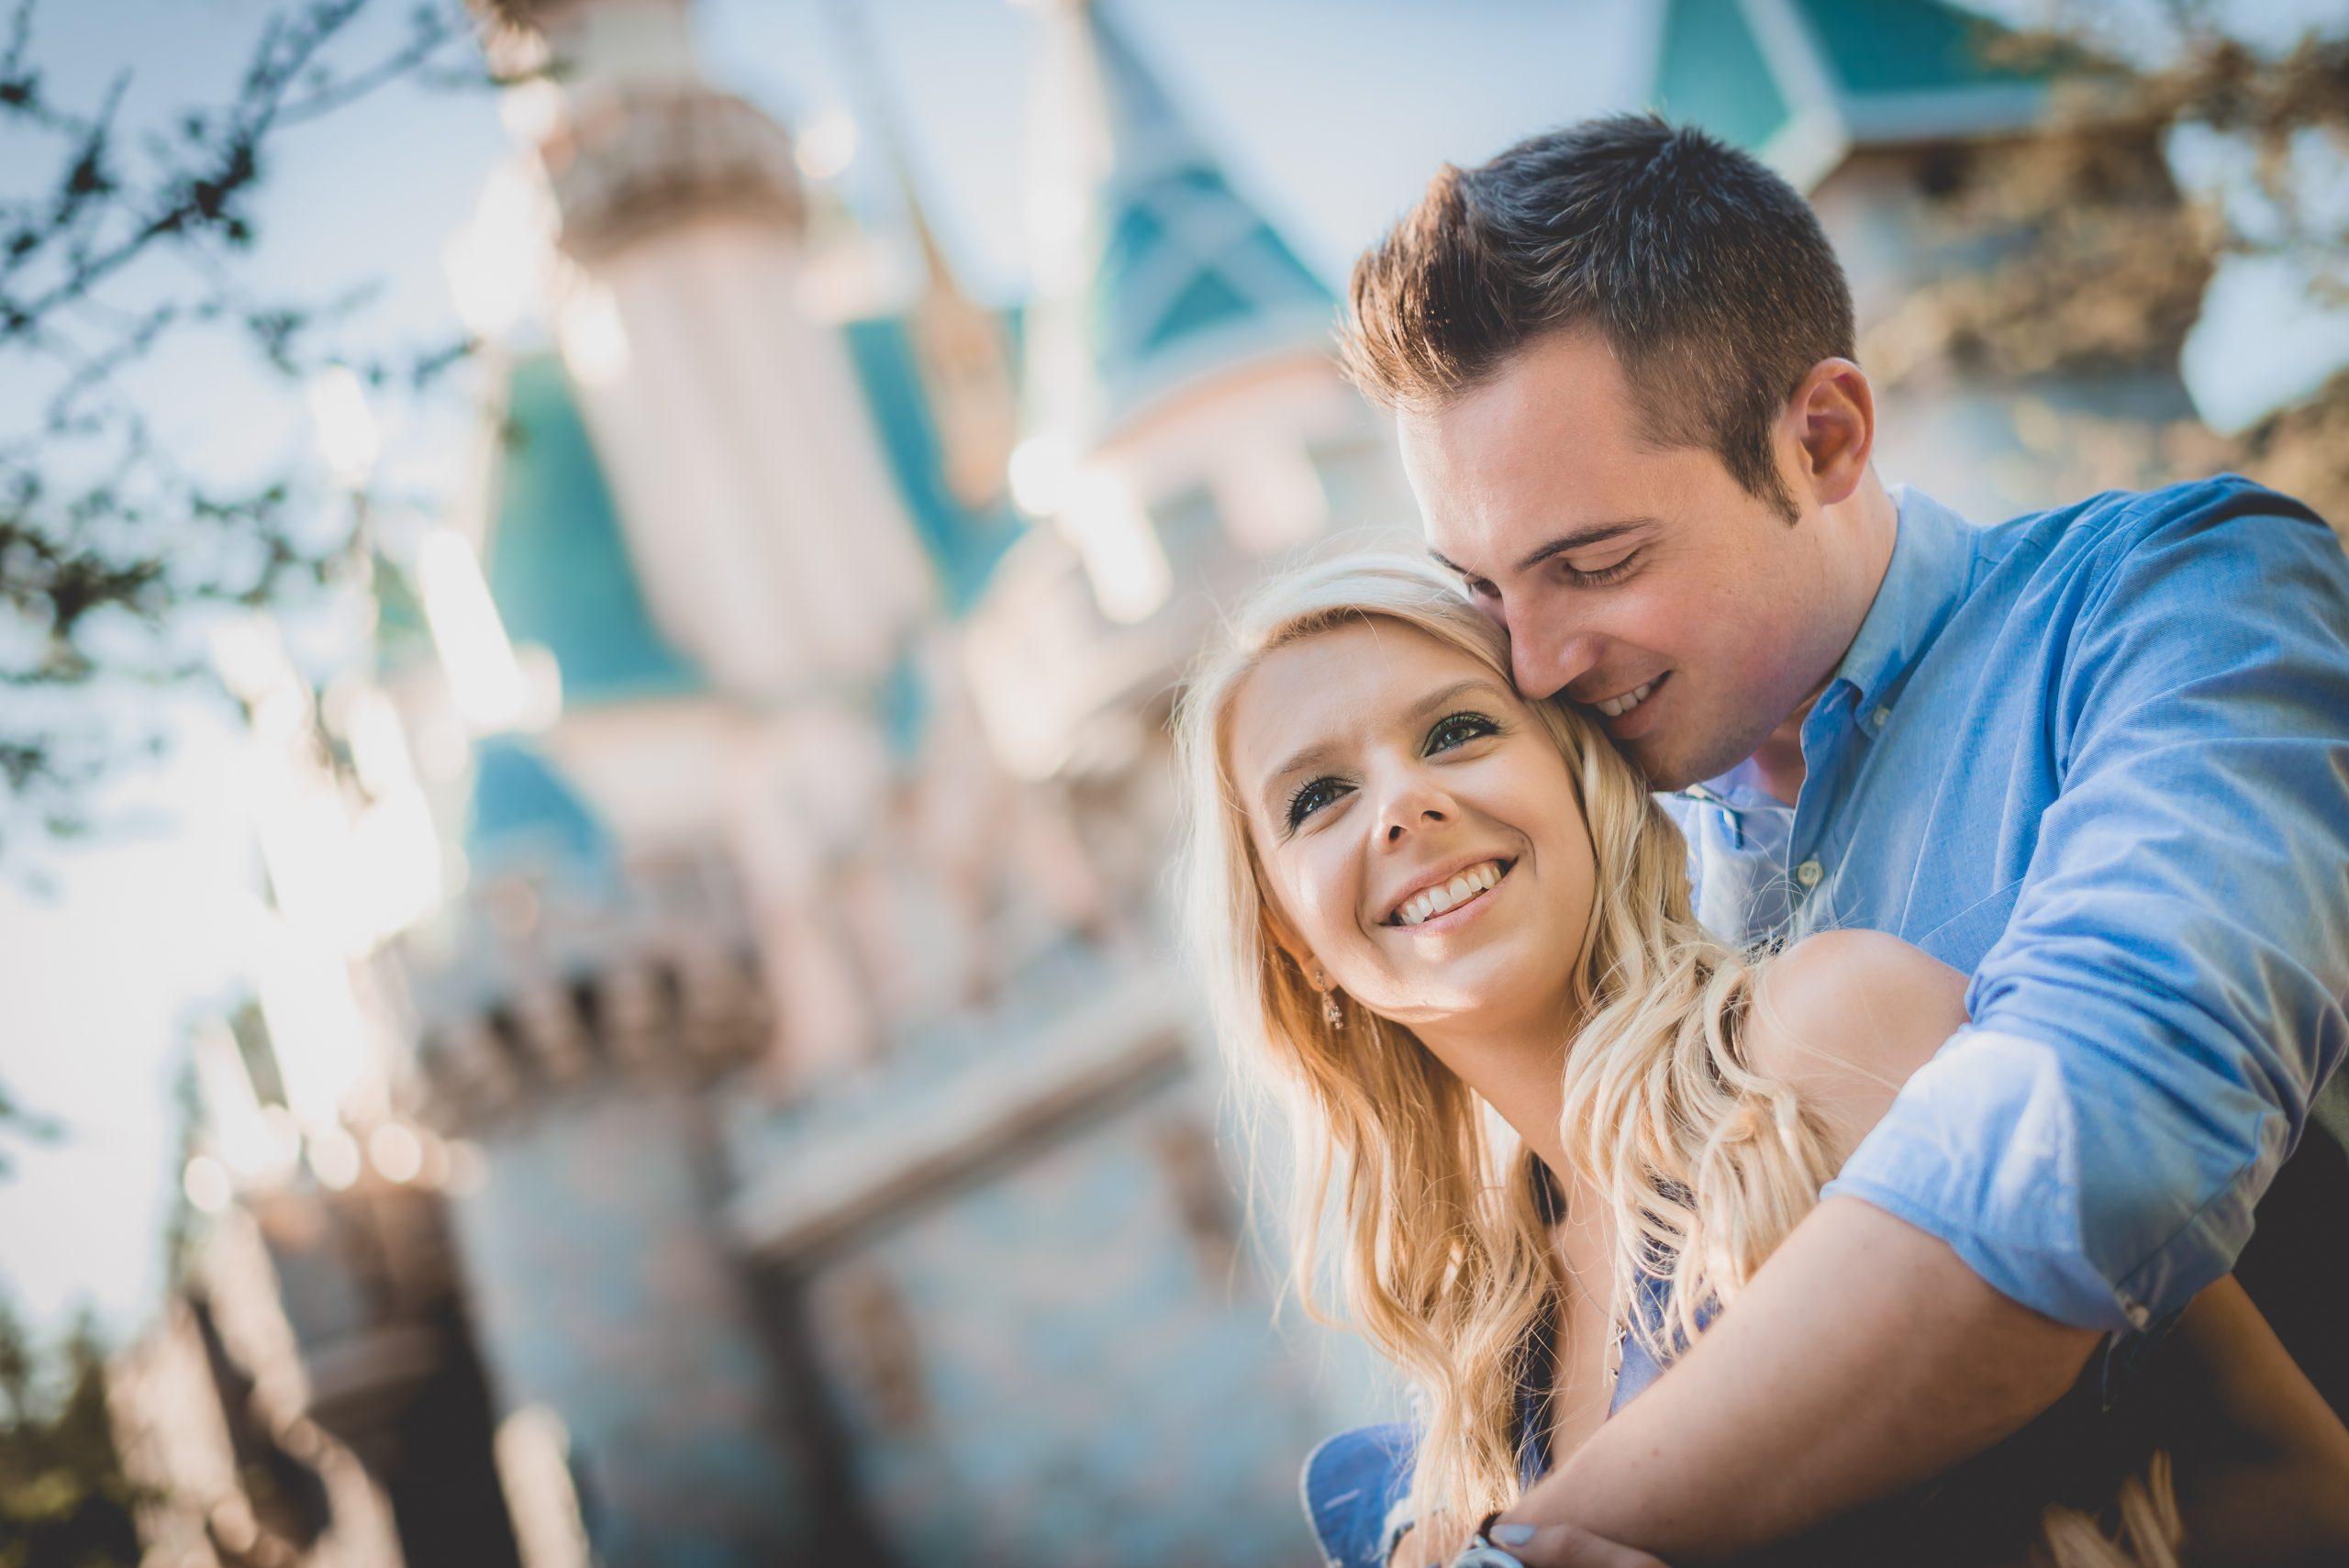 Anthony and Amanda at Disneyland